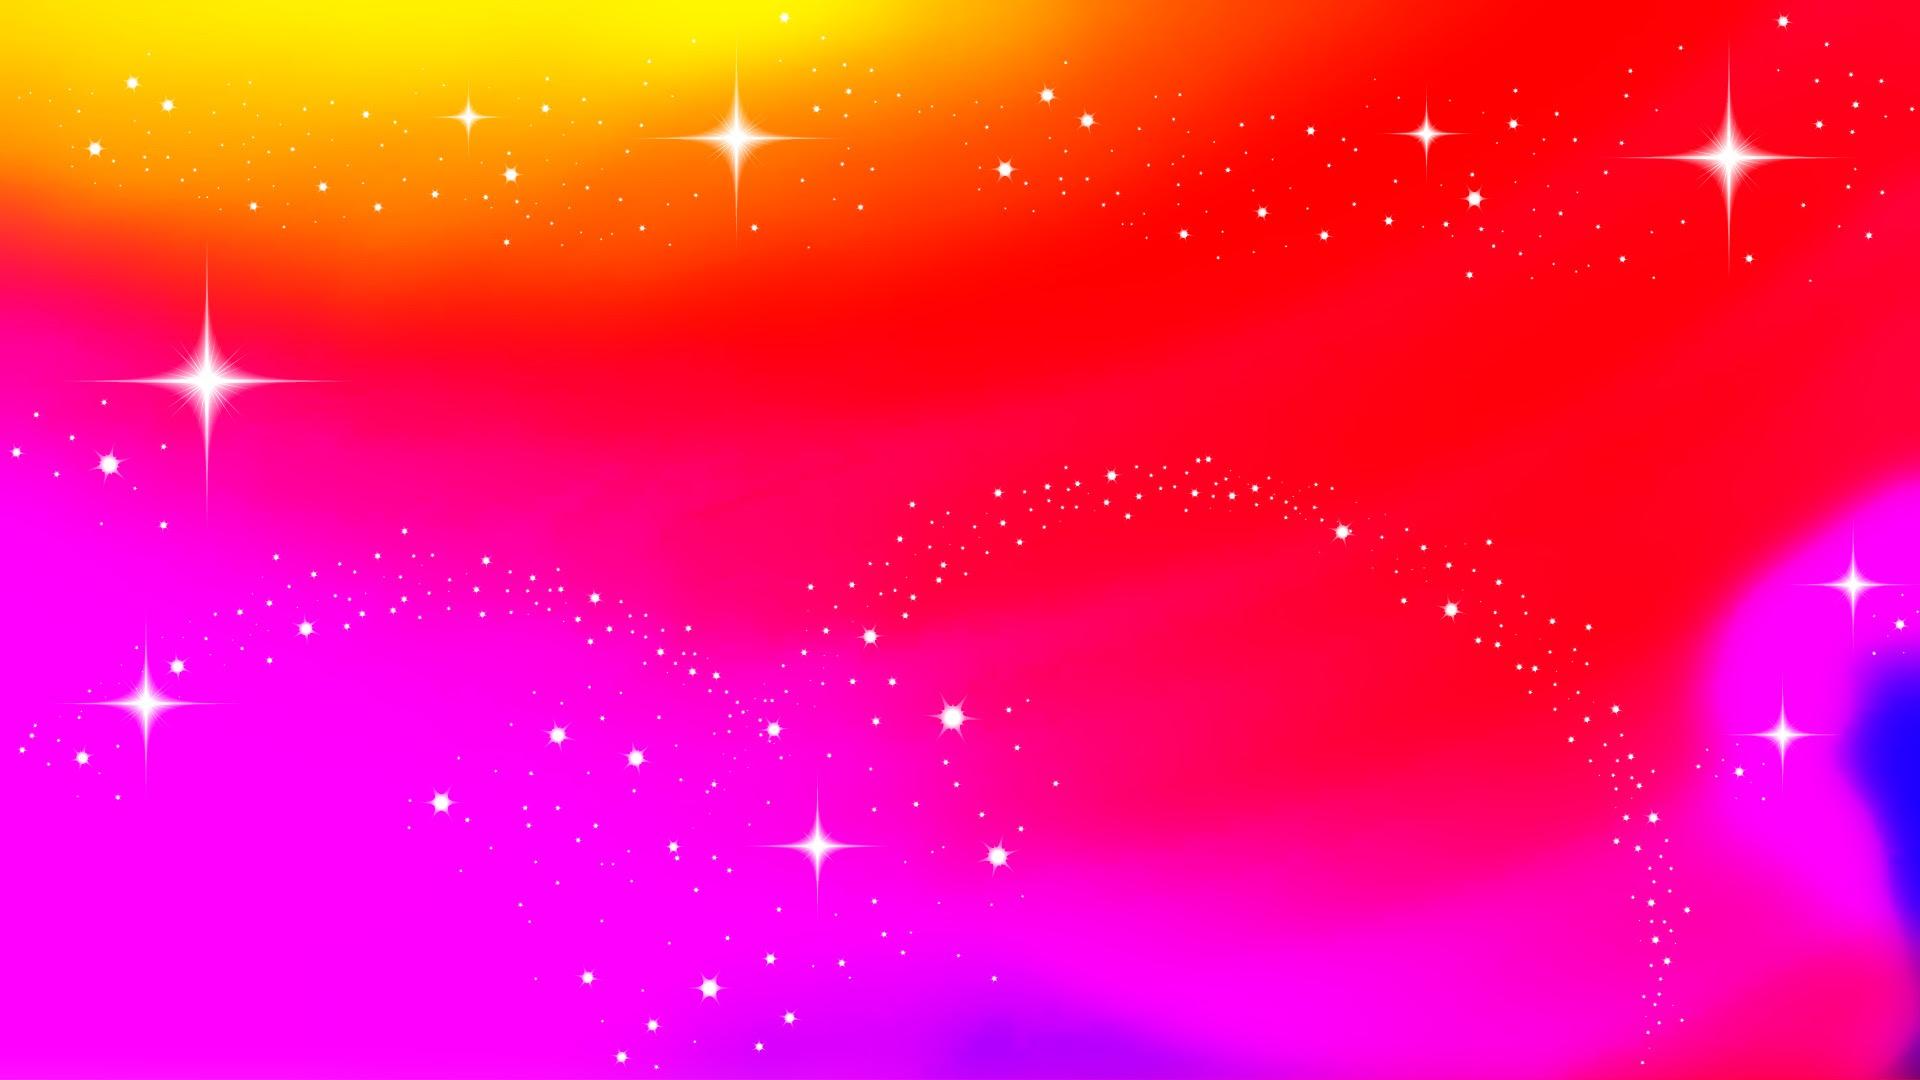 Unduh 6600 Koleksi Background Banner Pelangi HD Gratis